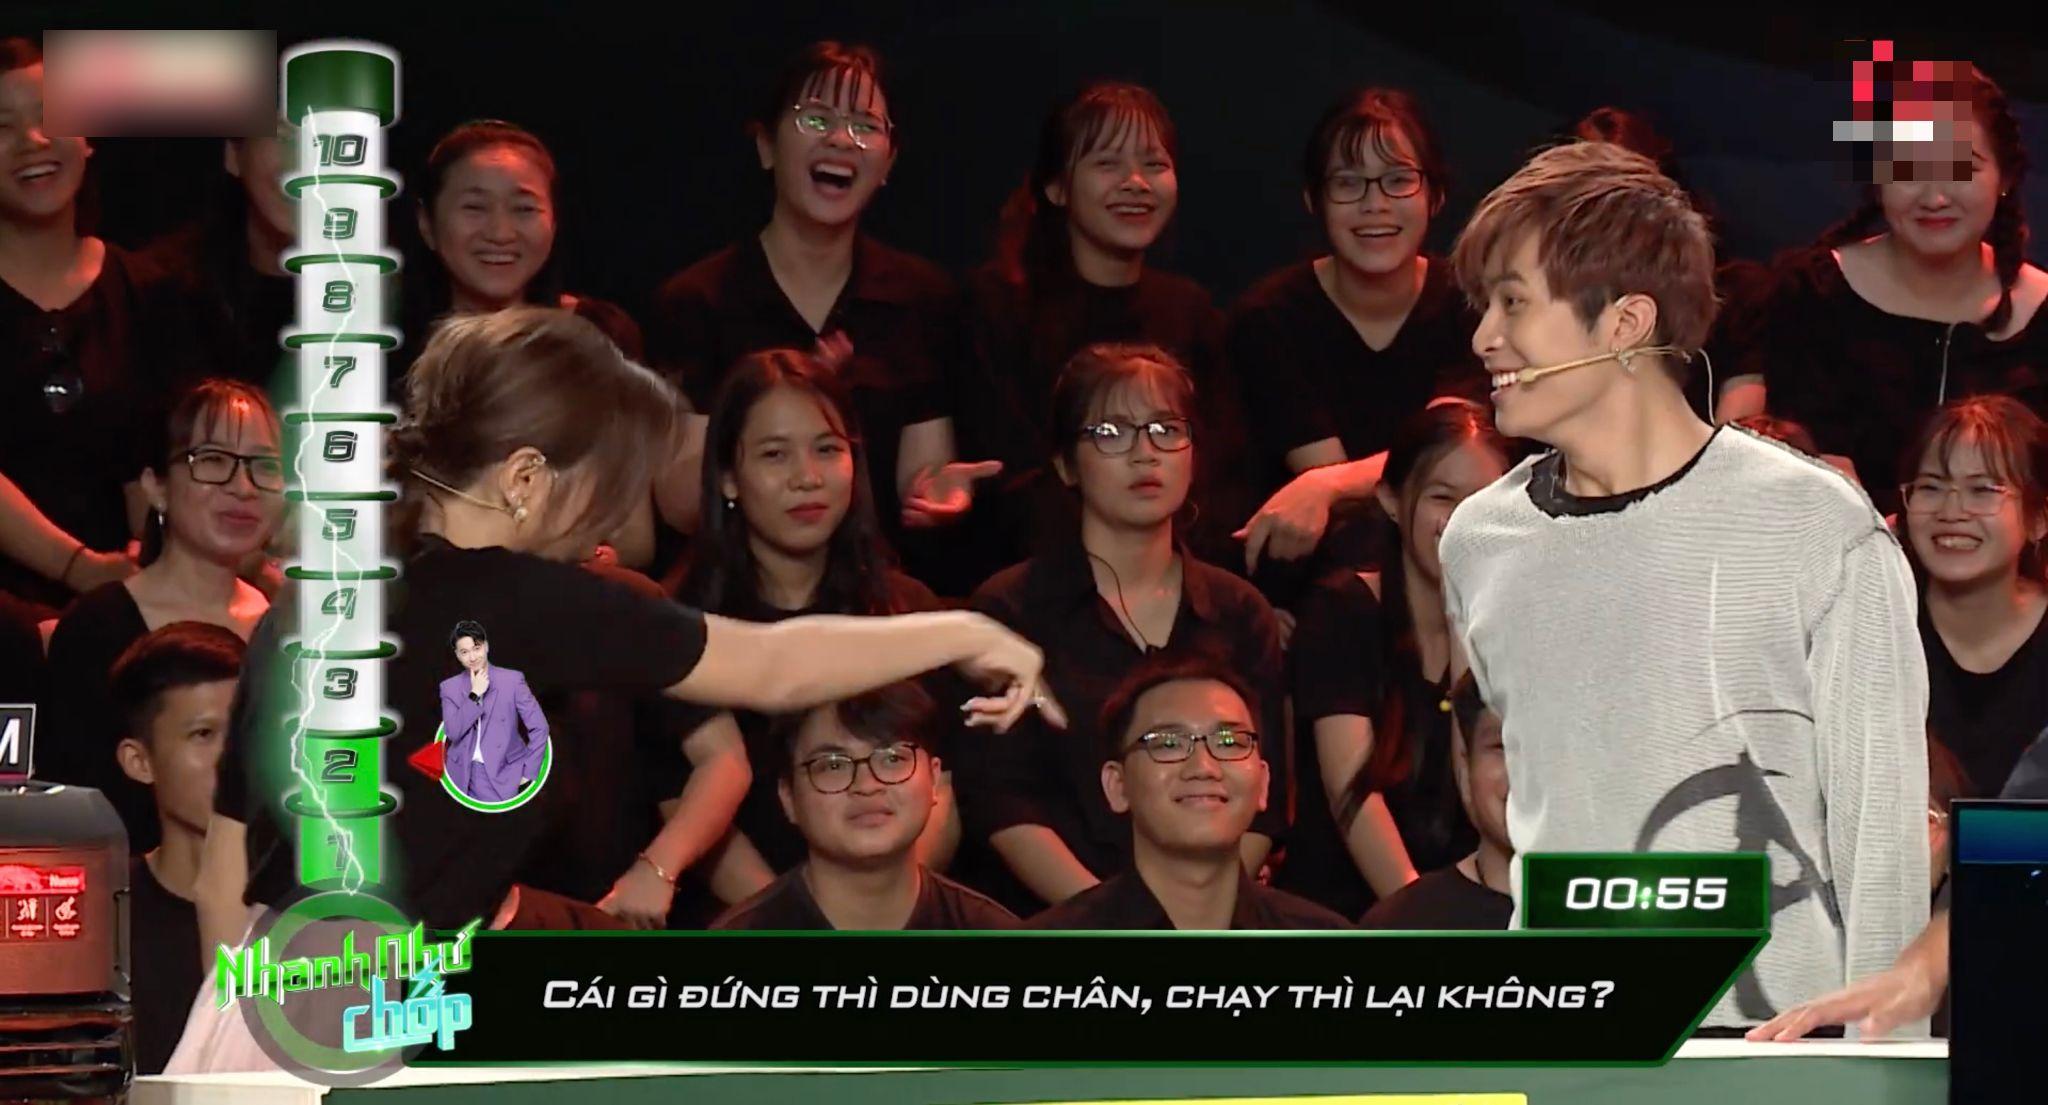 Khả Như, Gin Tuấn Kiệt bò quanh sân khấu 'Nhanh như chớp' 3 lần vì lỡ miệng 'khinh'Lê Dương Bảo Lâm 3